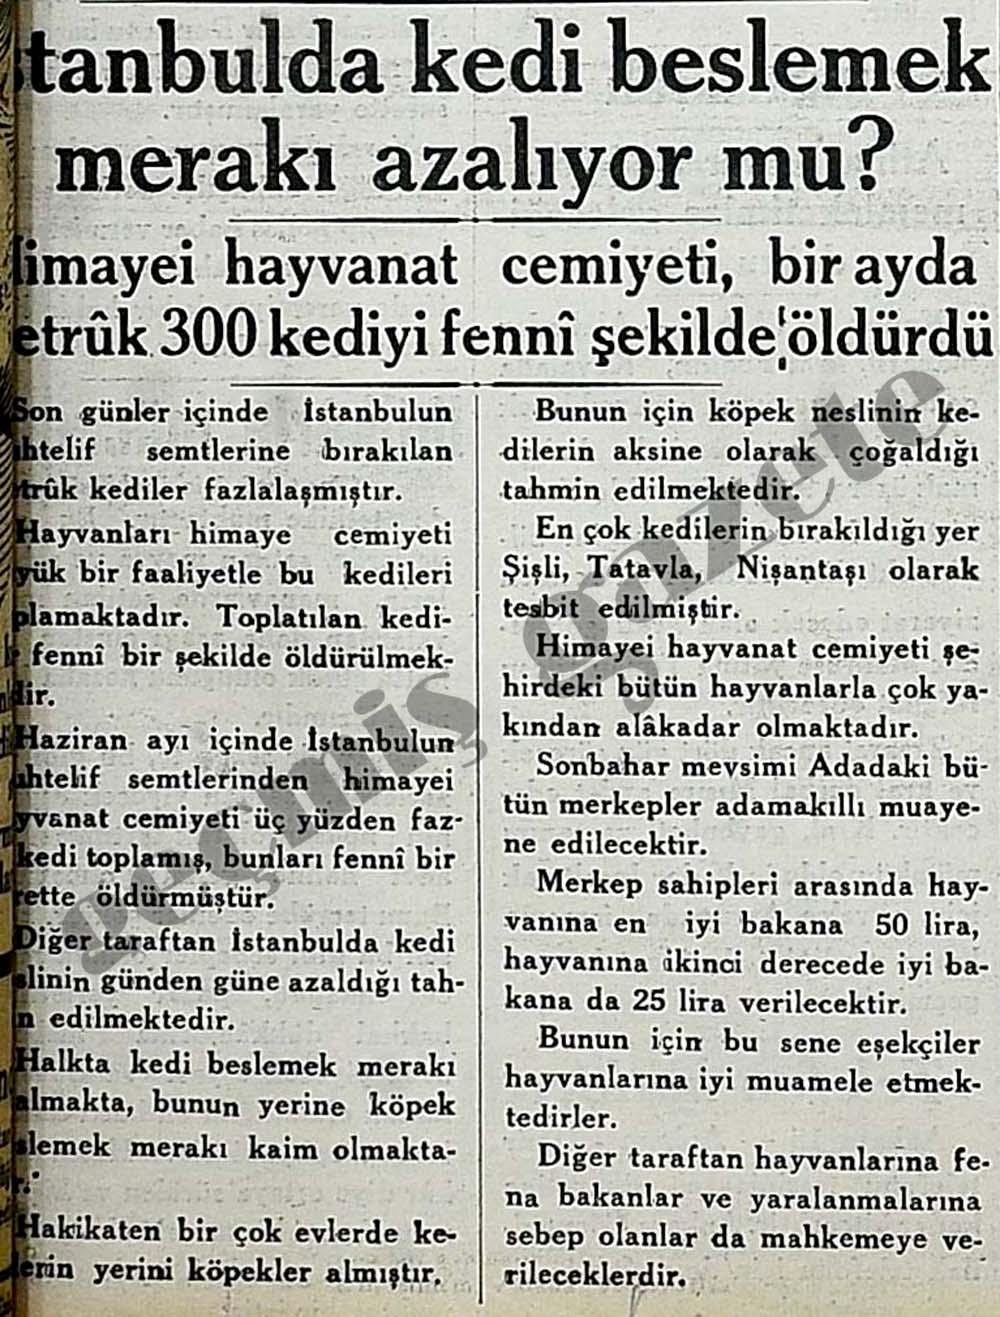 İstanbulda kedi beslemek merakı azalıyor mu?